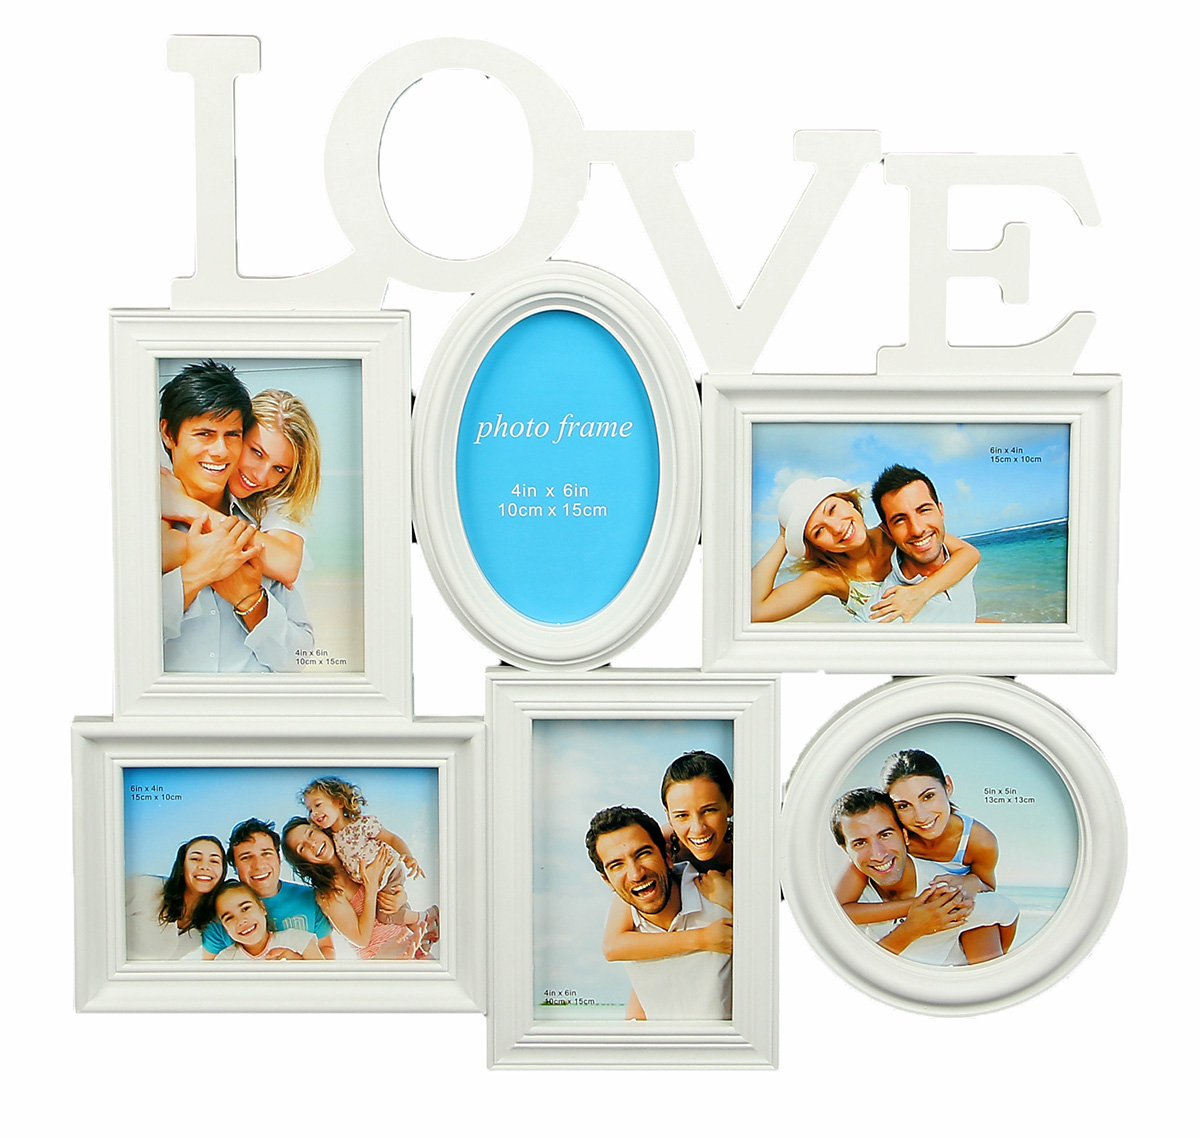 Фоторамка Любовь, на 6 фото , цвет: белый. 895625 фоторамка бело голубая фантазия на 3 фото цвет белый голубой 856503